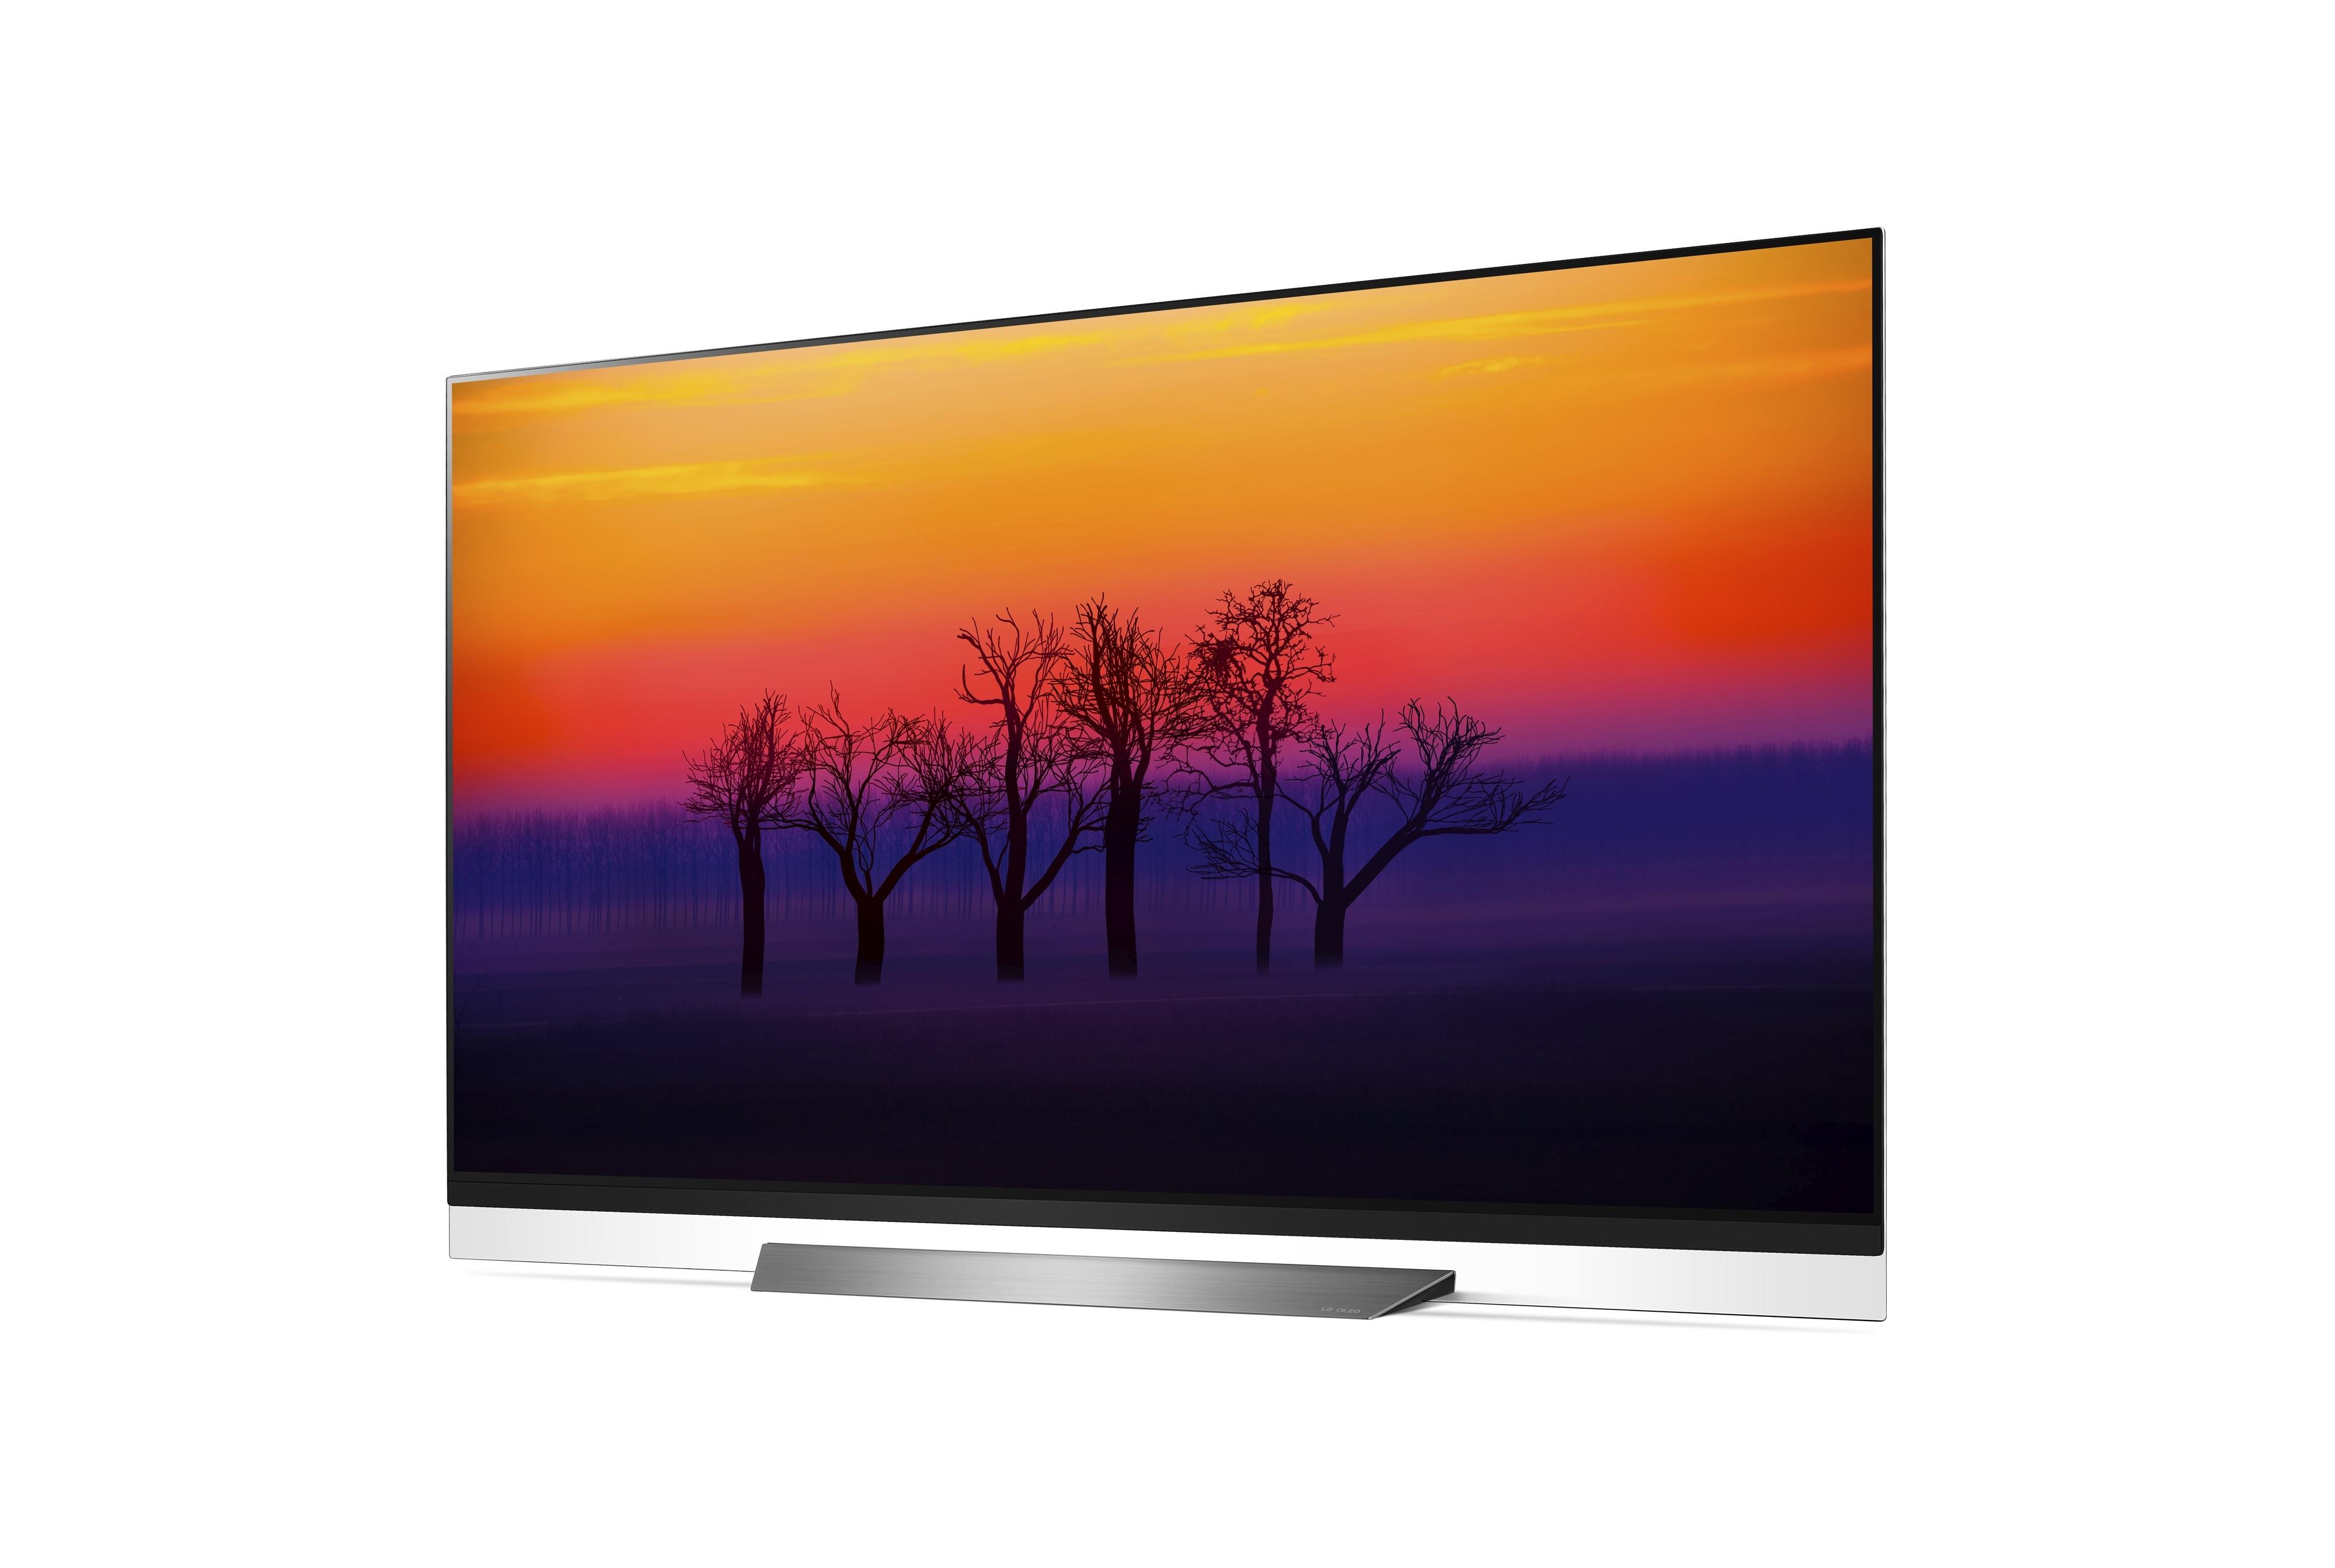 Navidad en vivo: LG lanza iniciativa enfocada en la tecnología de sonido de sus televisores oled